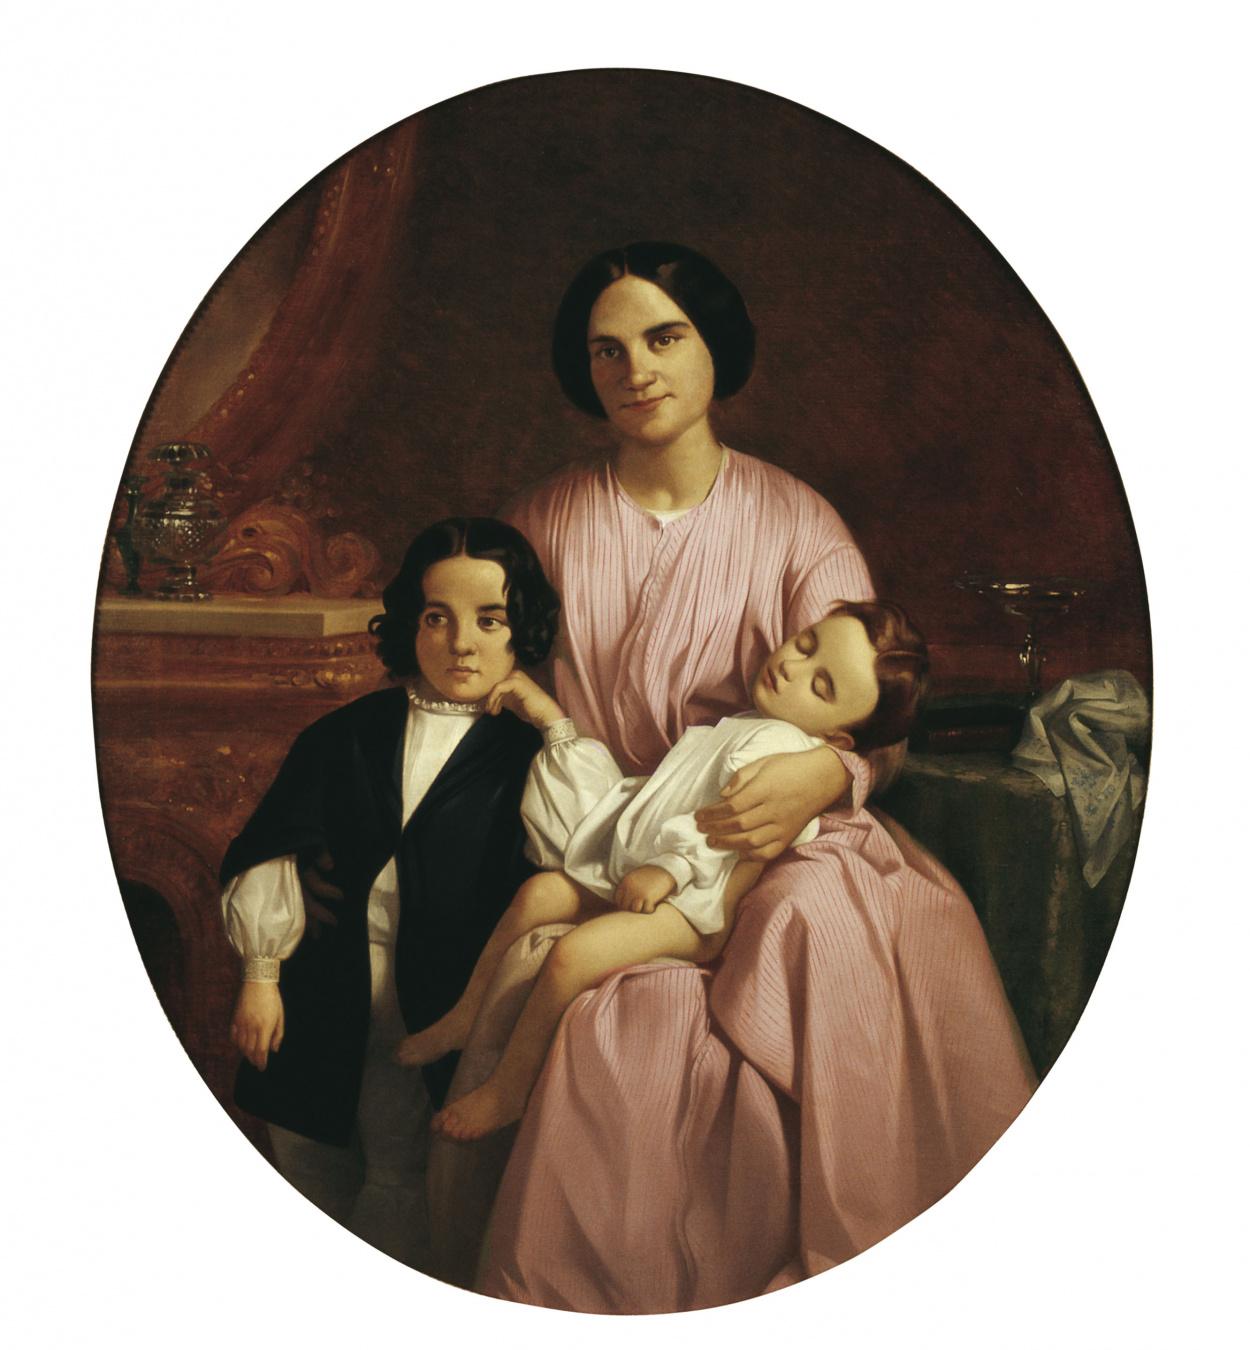 Claudi Lorenzale - Retrat de la dona i els fills del pintor - Barcelona, cap a 1860-1865